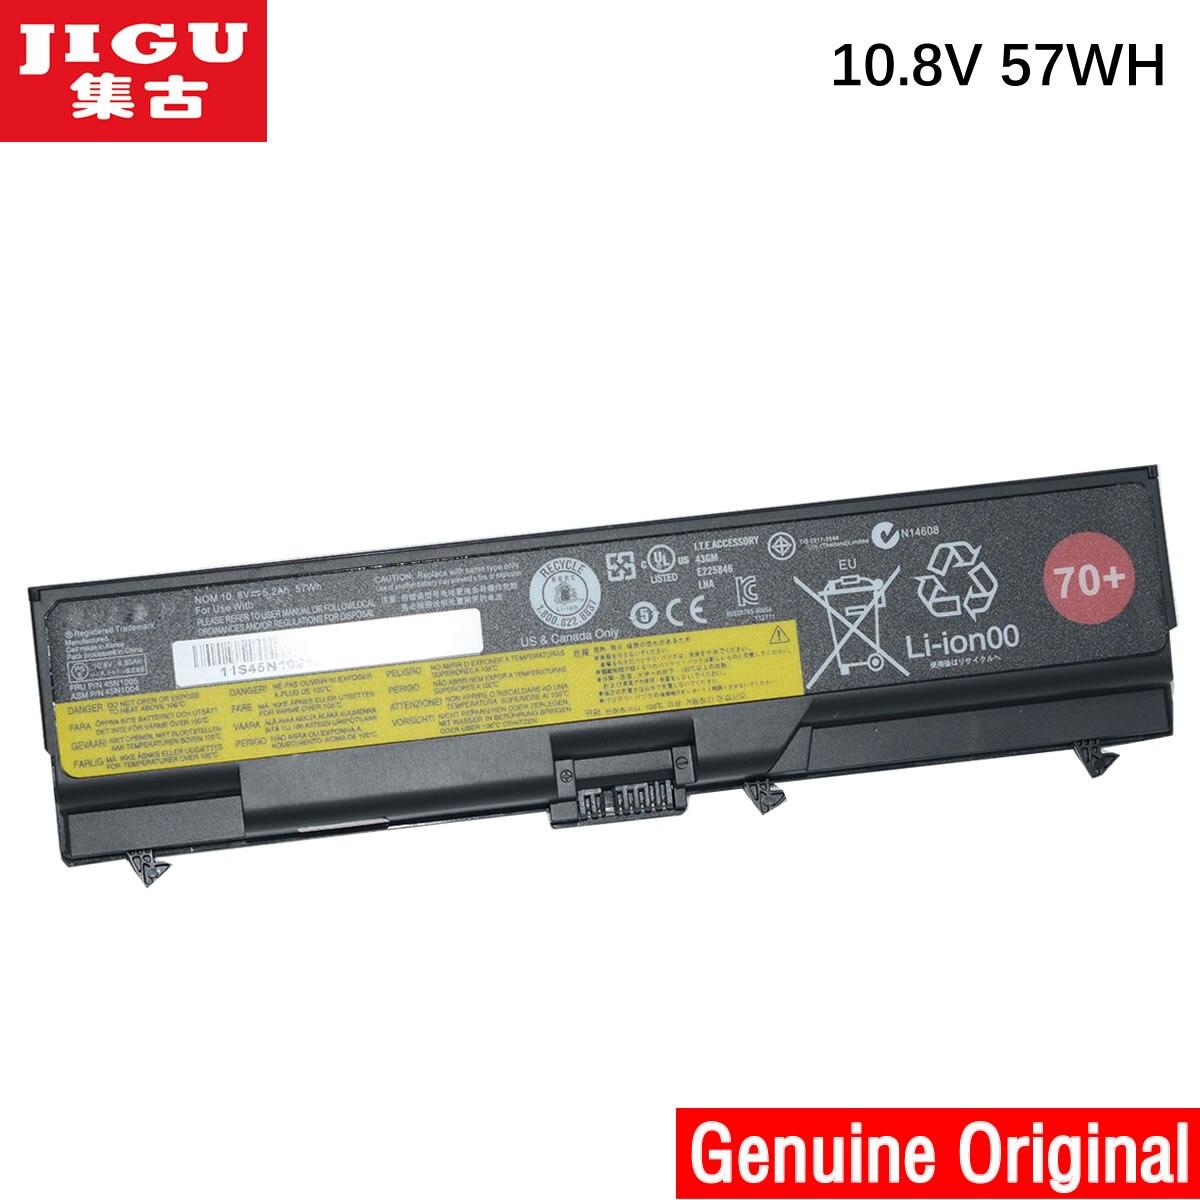 JIGU D'origine batterie d'ordinateur portable Pour Lenovo Thinkpad W530 L430 T430 T530 W530I L530 T430I T530I 48WH